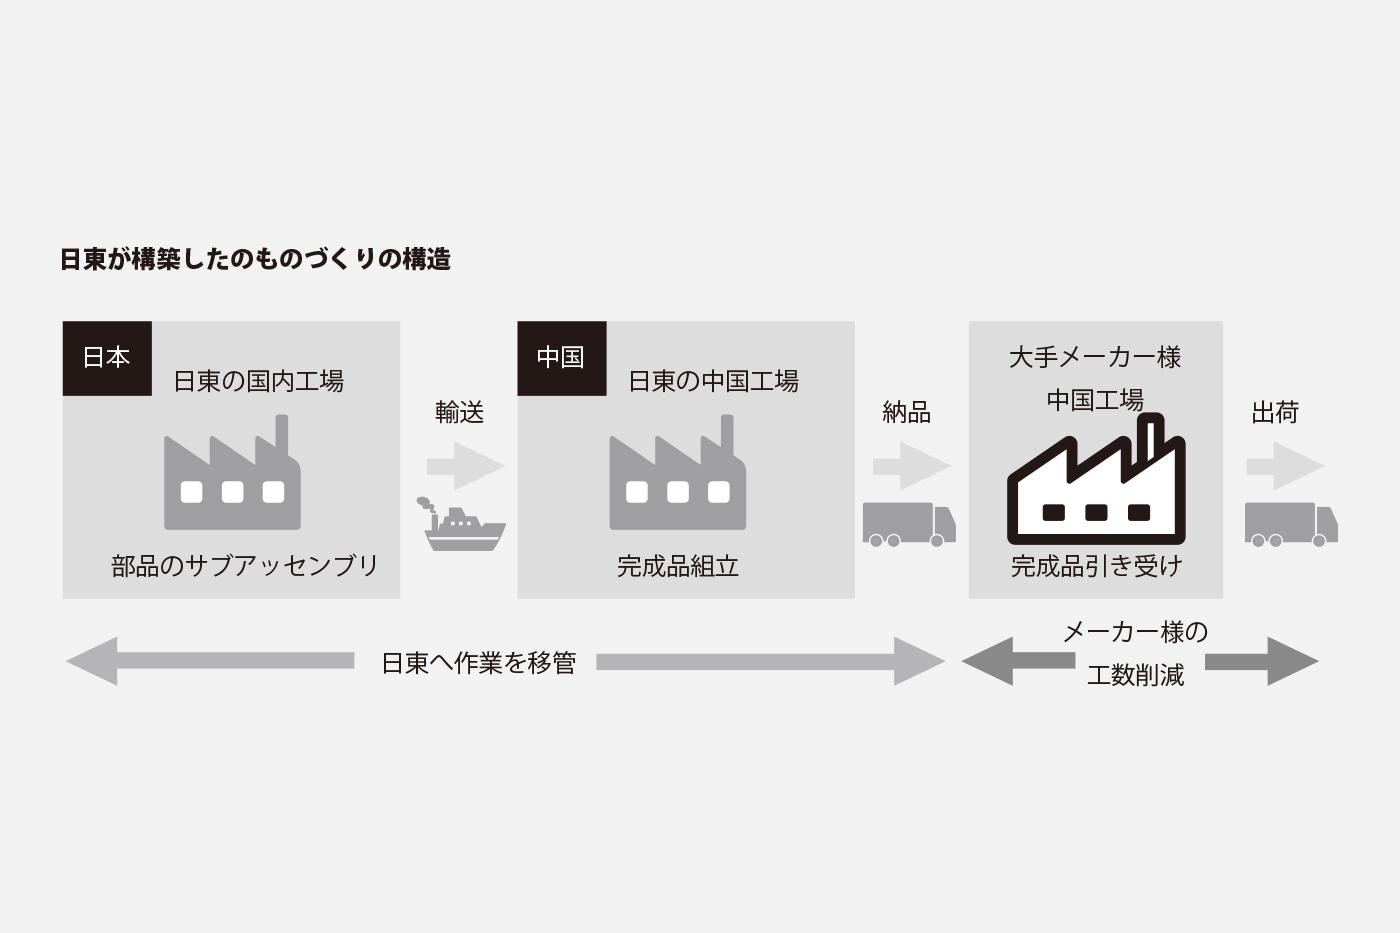 日東の日本~中国連携でものづくりの工程を担い、メーカー様の生産課題を解決。